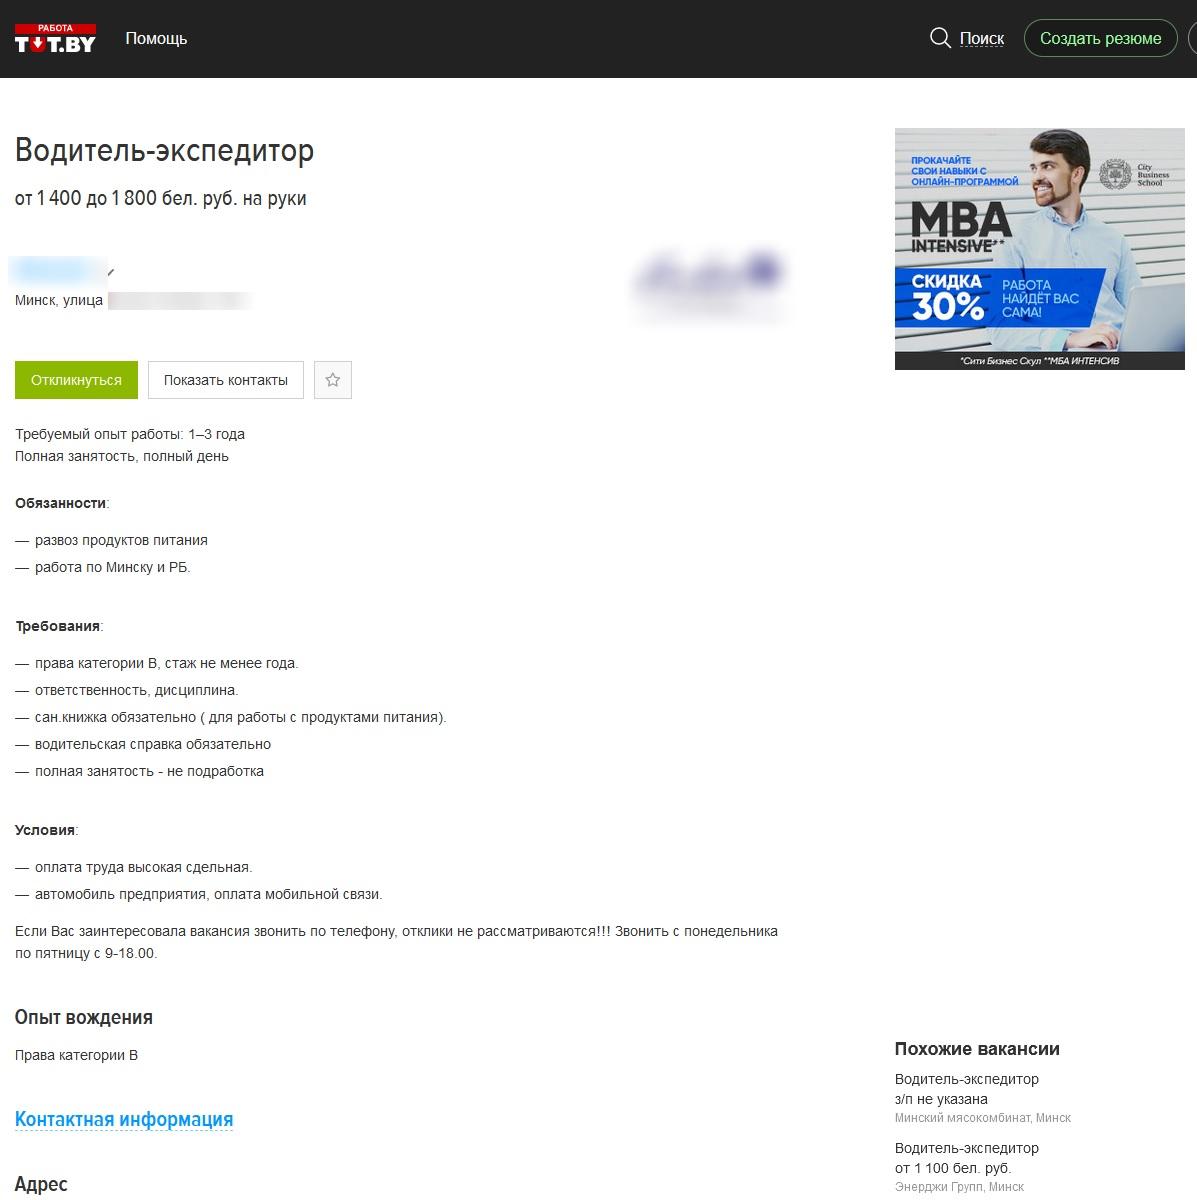 Как не надо оформлять страницу компании на rabota.tut.by